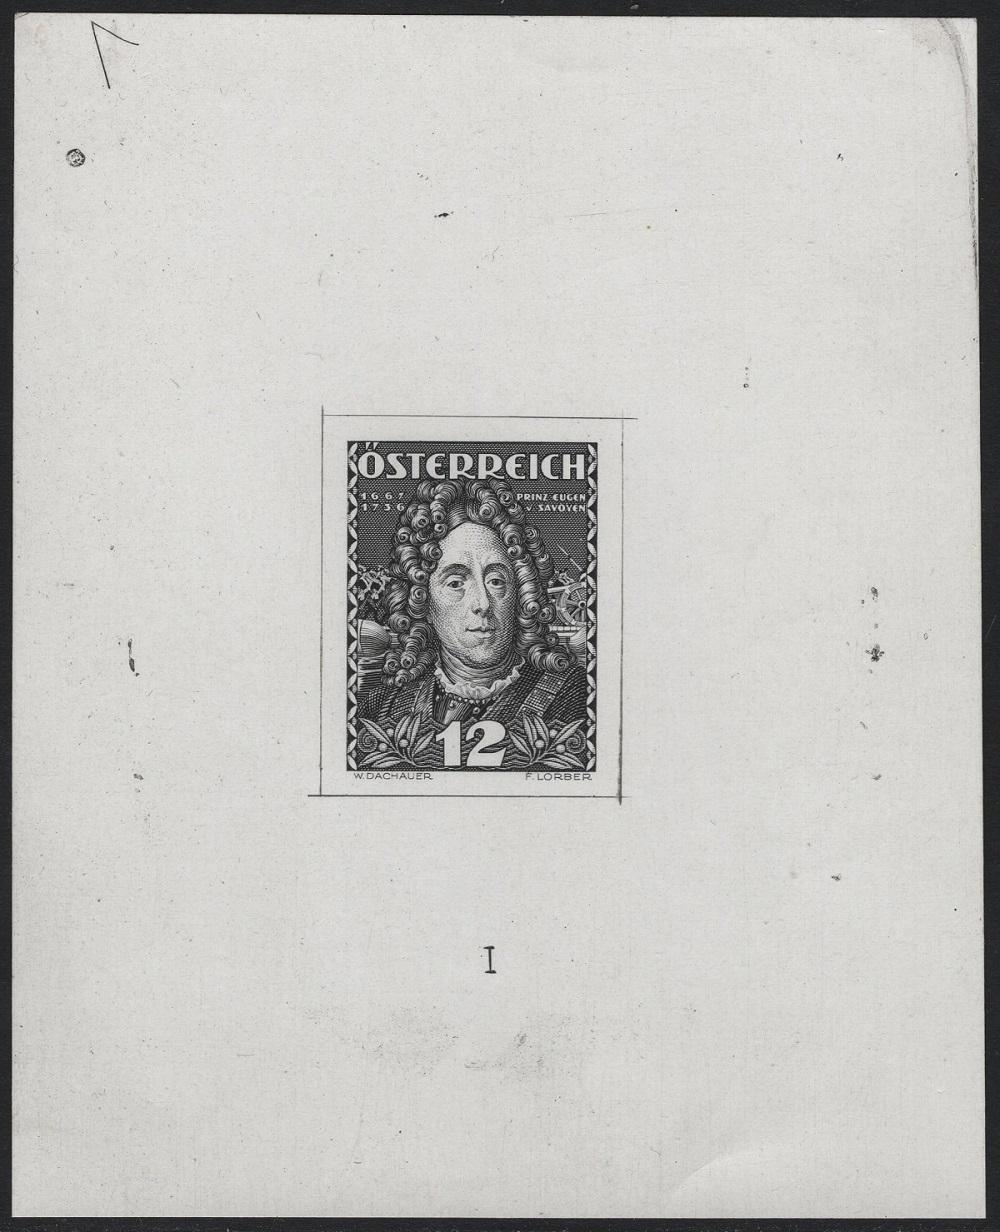 https://www.briefmarken-stari.at/bilder/617PUIIHeerführer12GroschenEinzelabzugKunstdruckpapierHK1061Bild1